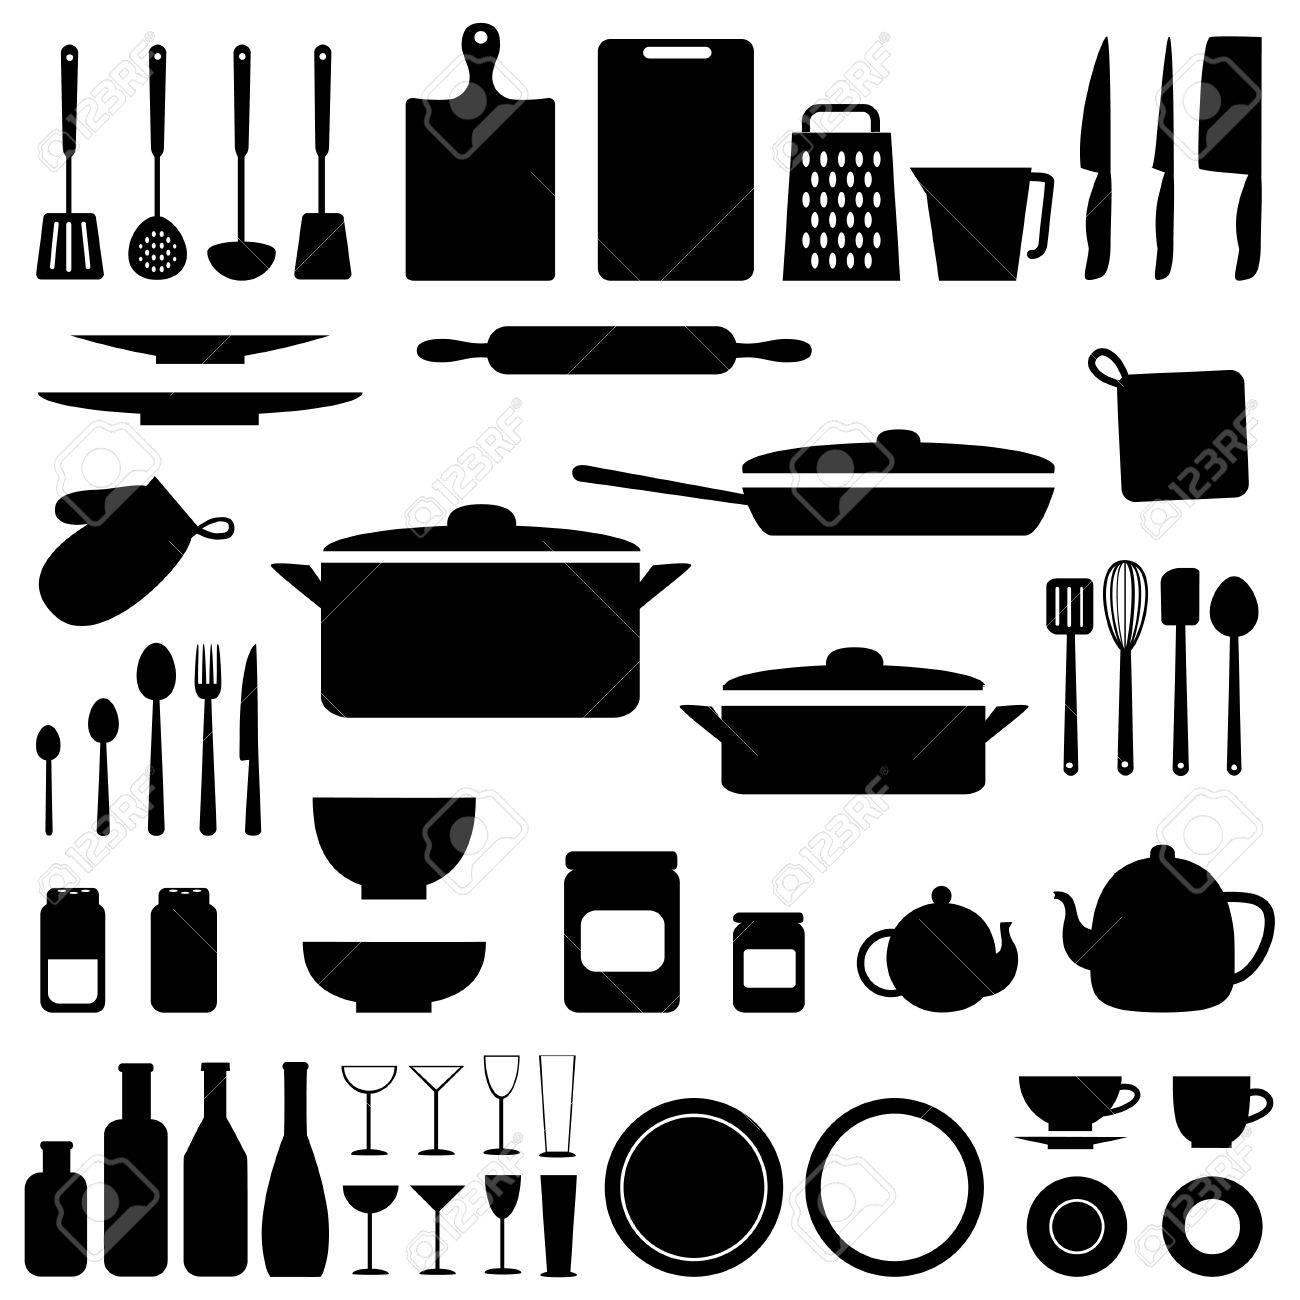 Erfreut Was Ist Die Neue Farbe Für Küchengeräte 2012 Ideen - Küche ...